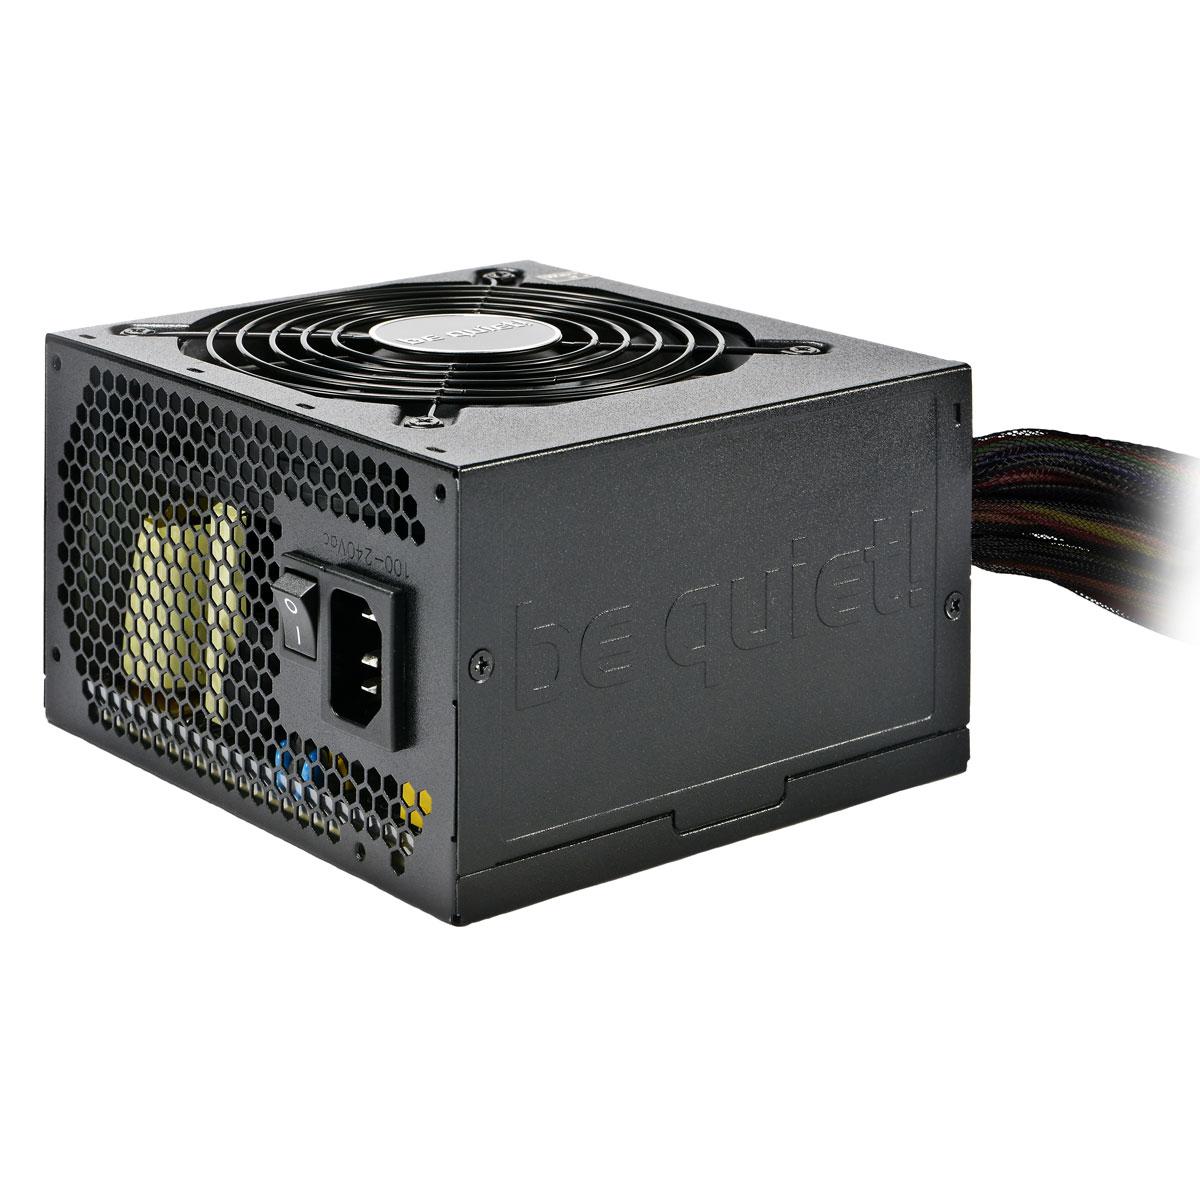 Alimentation PC Be Quiet ! System Power 7 400 W 80PLUS Bronze (bulk) Alimentation 400W ATX 12V 2.3 (Garantie 3 ans constructeur) - 80PLUS Bronze